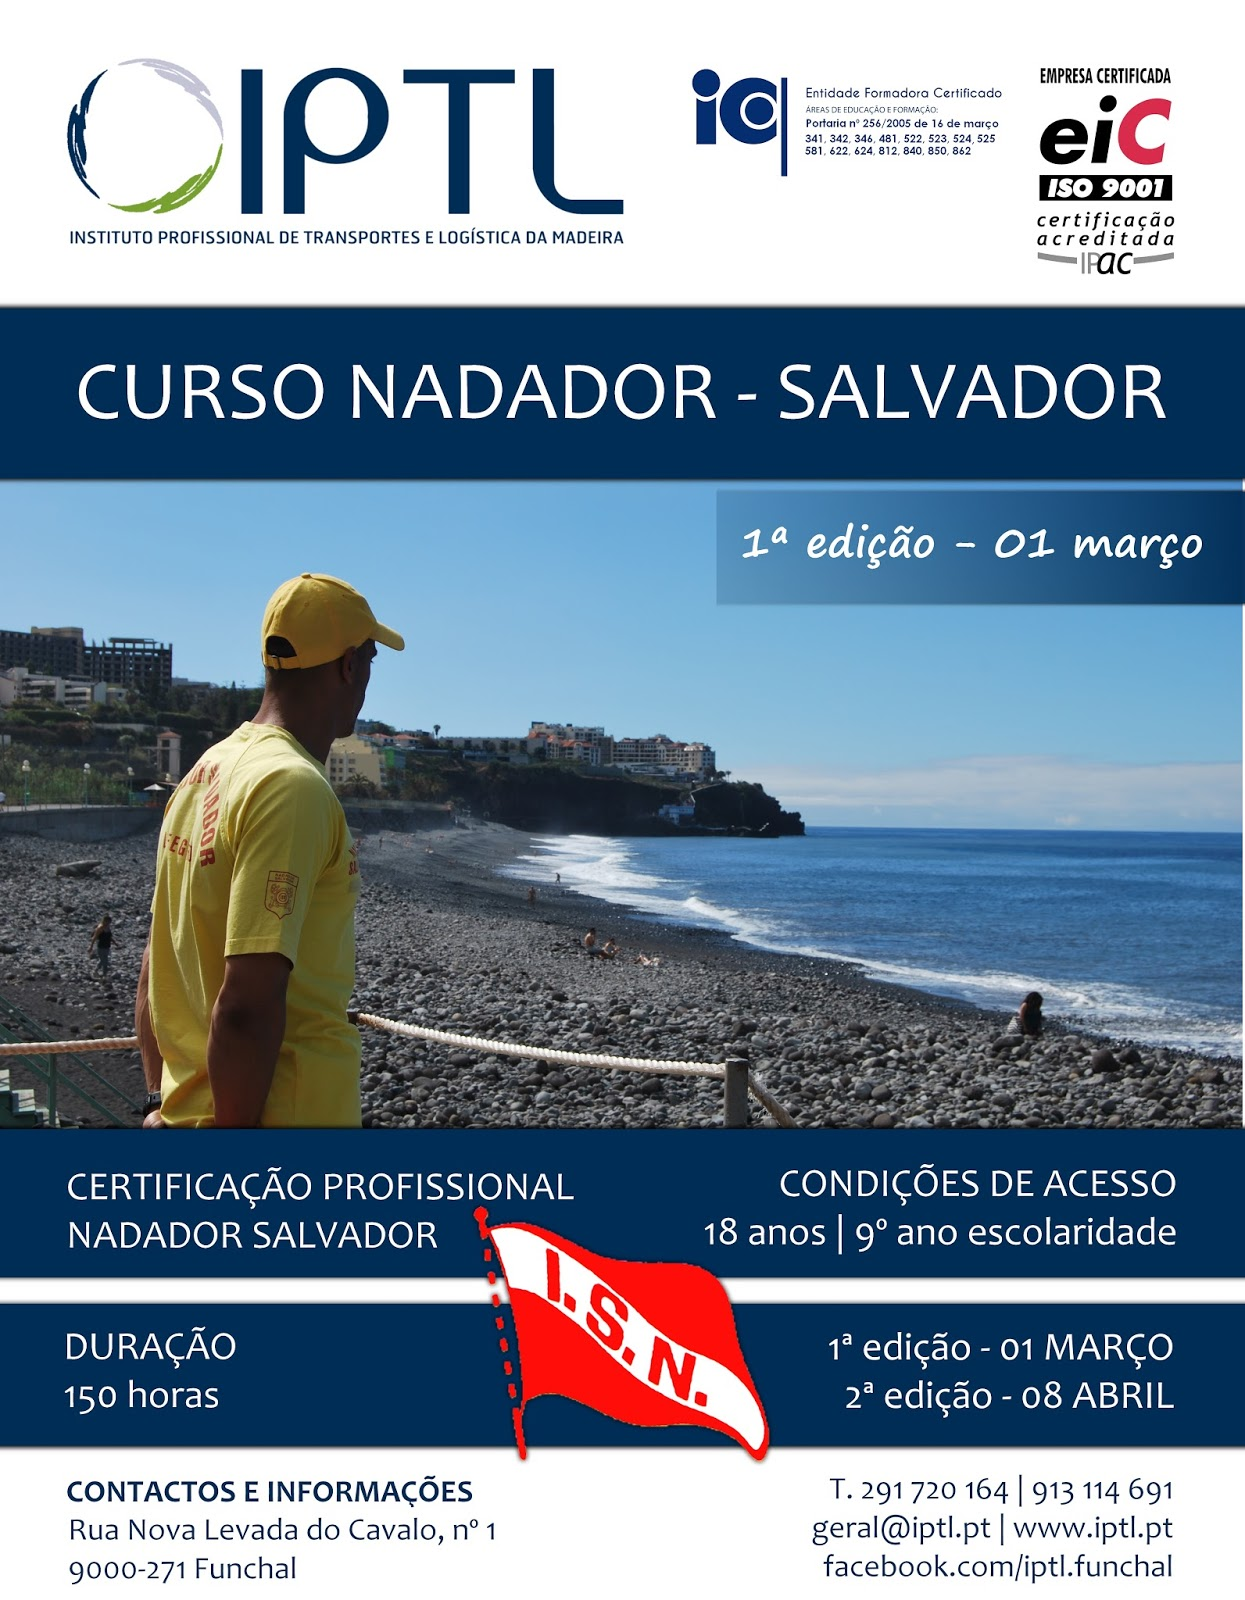 Curso de nadador salvador no Funchal